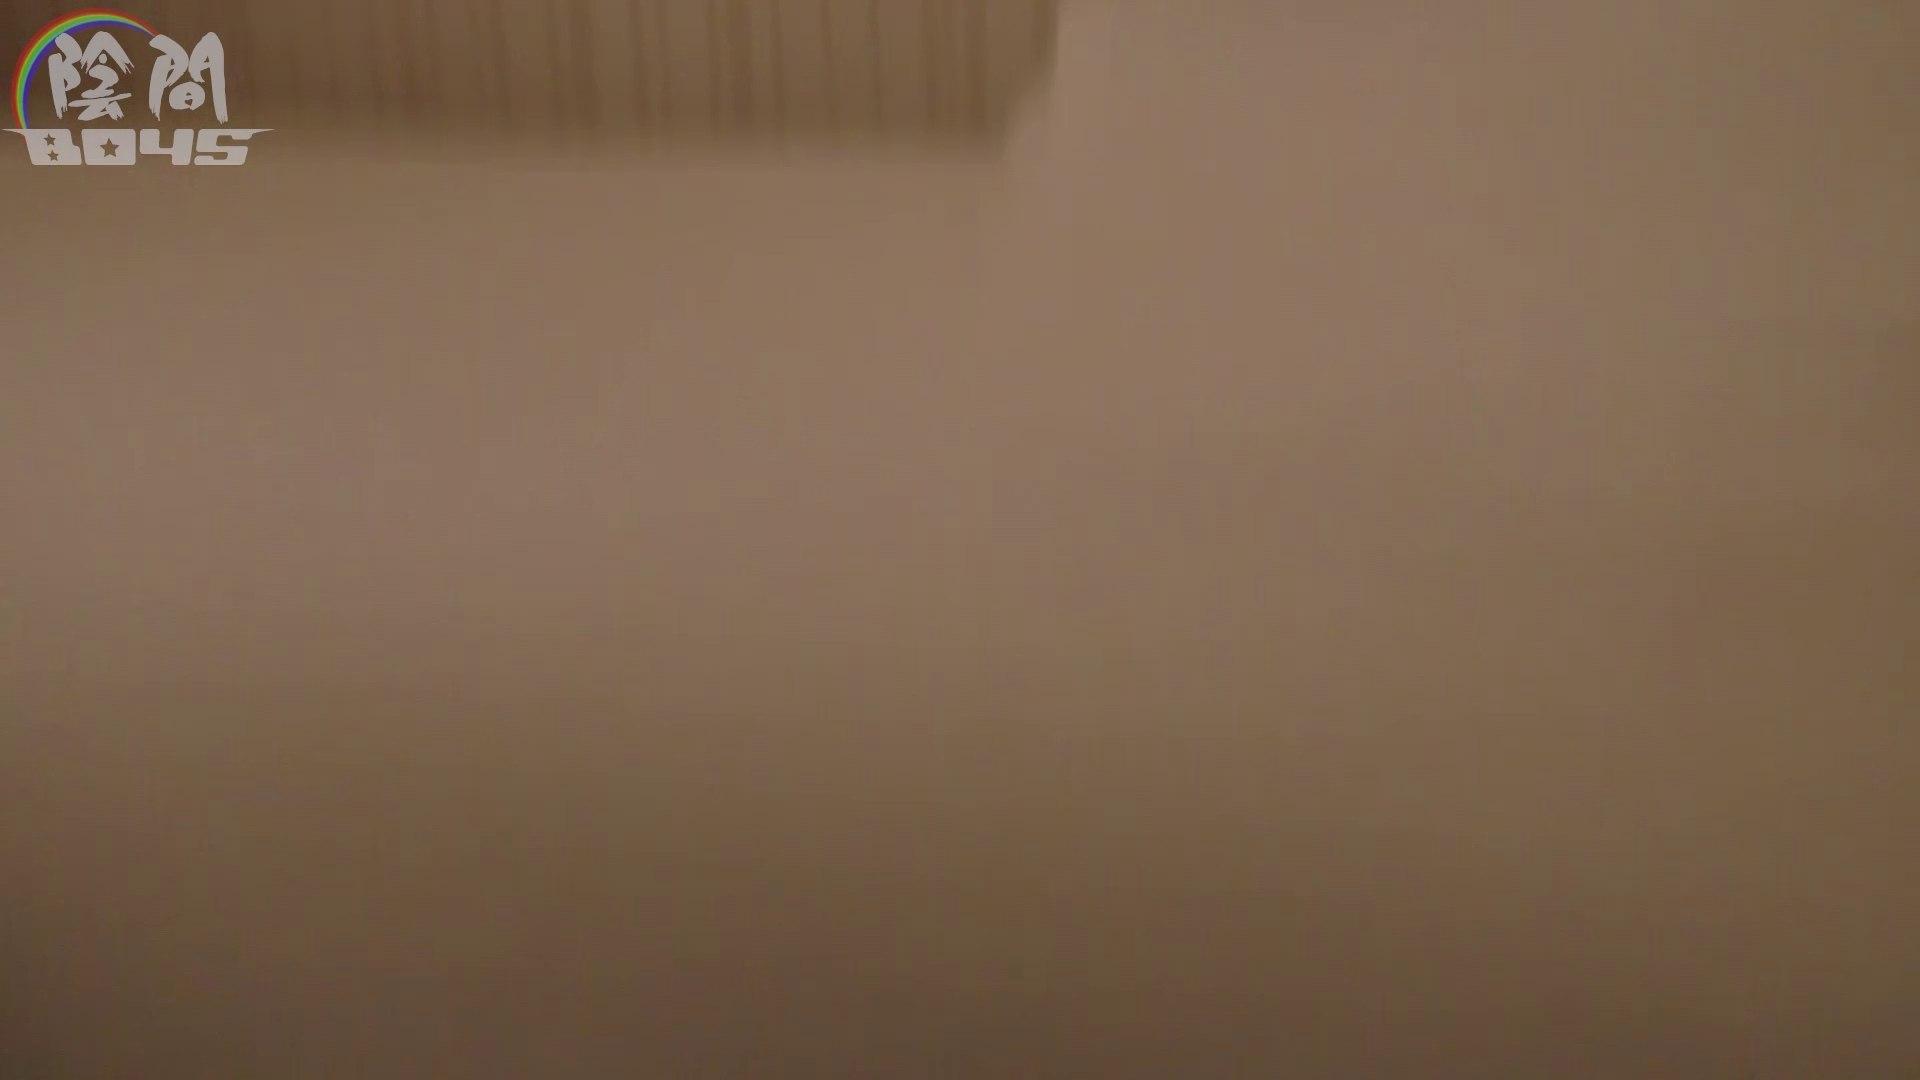 """キャバクラの仕事は""""アナル""""から1 Vol.04 覗き見 ゲイモロ画像 96pic 58"""